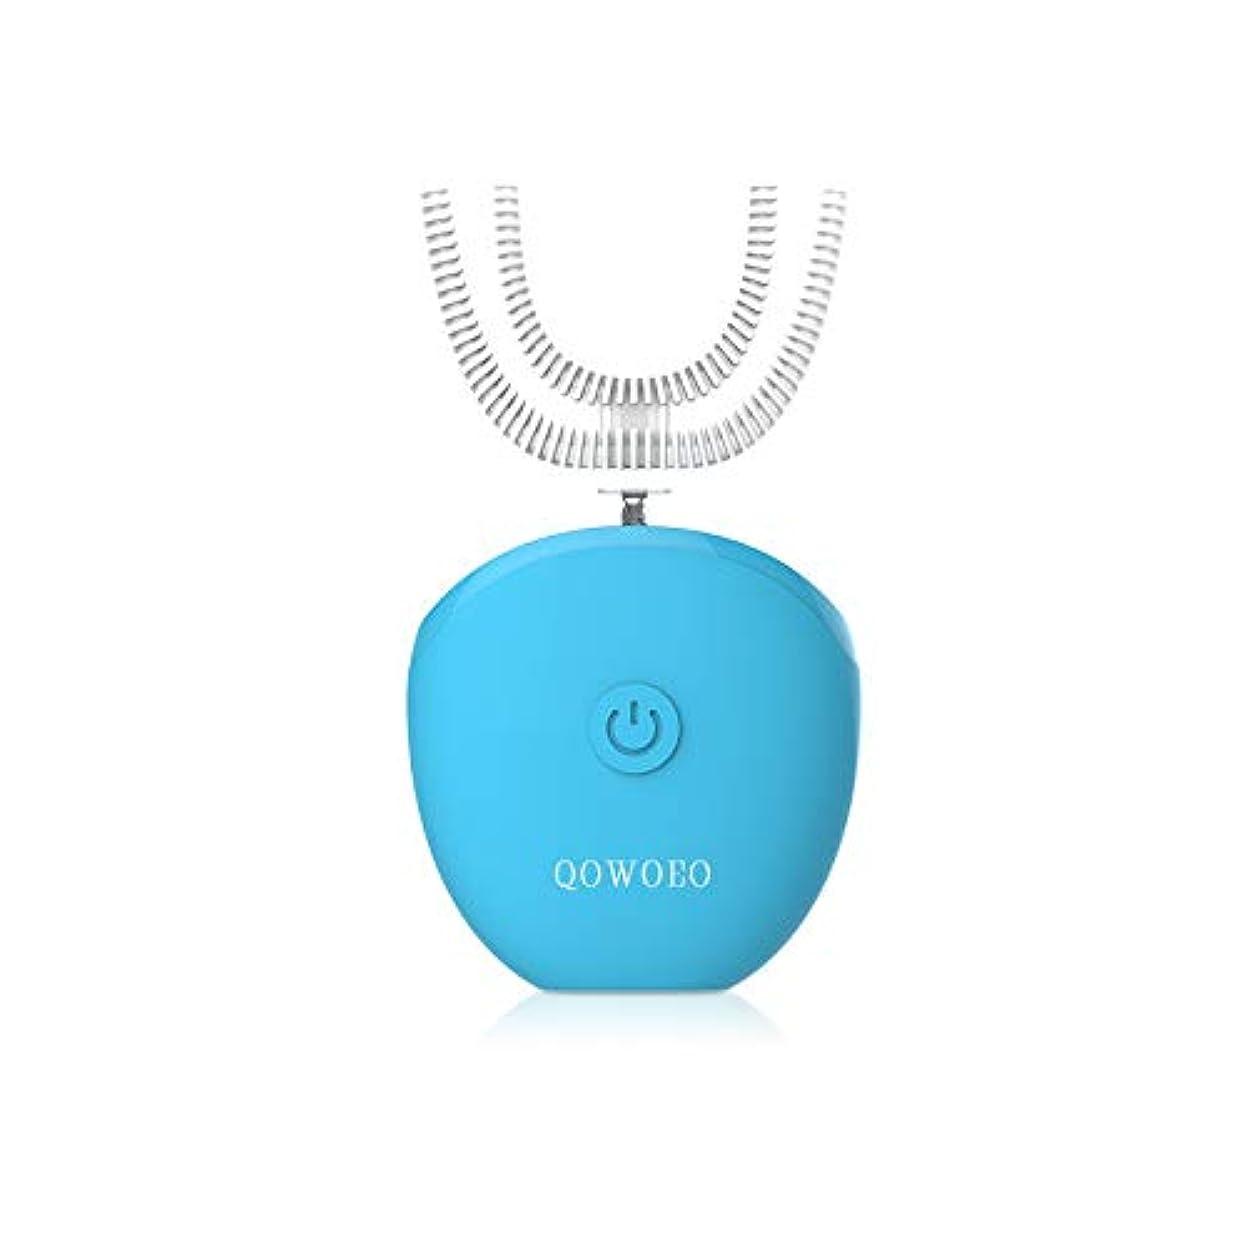 徴収ボトル仲良しU字型360°電動超音波歯ブラシ、超音波プッシュボタン誘導電動歯ブラシ全自動怠惰な歯ブラシ、青